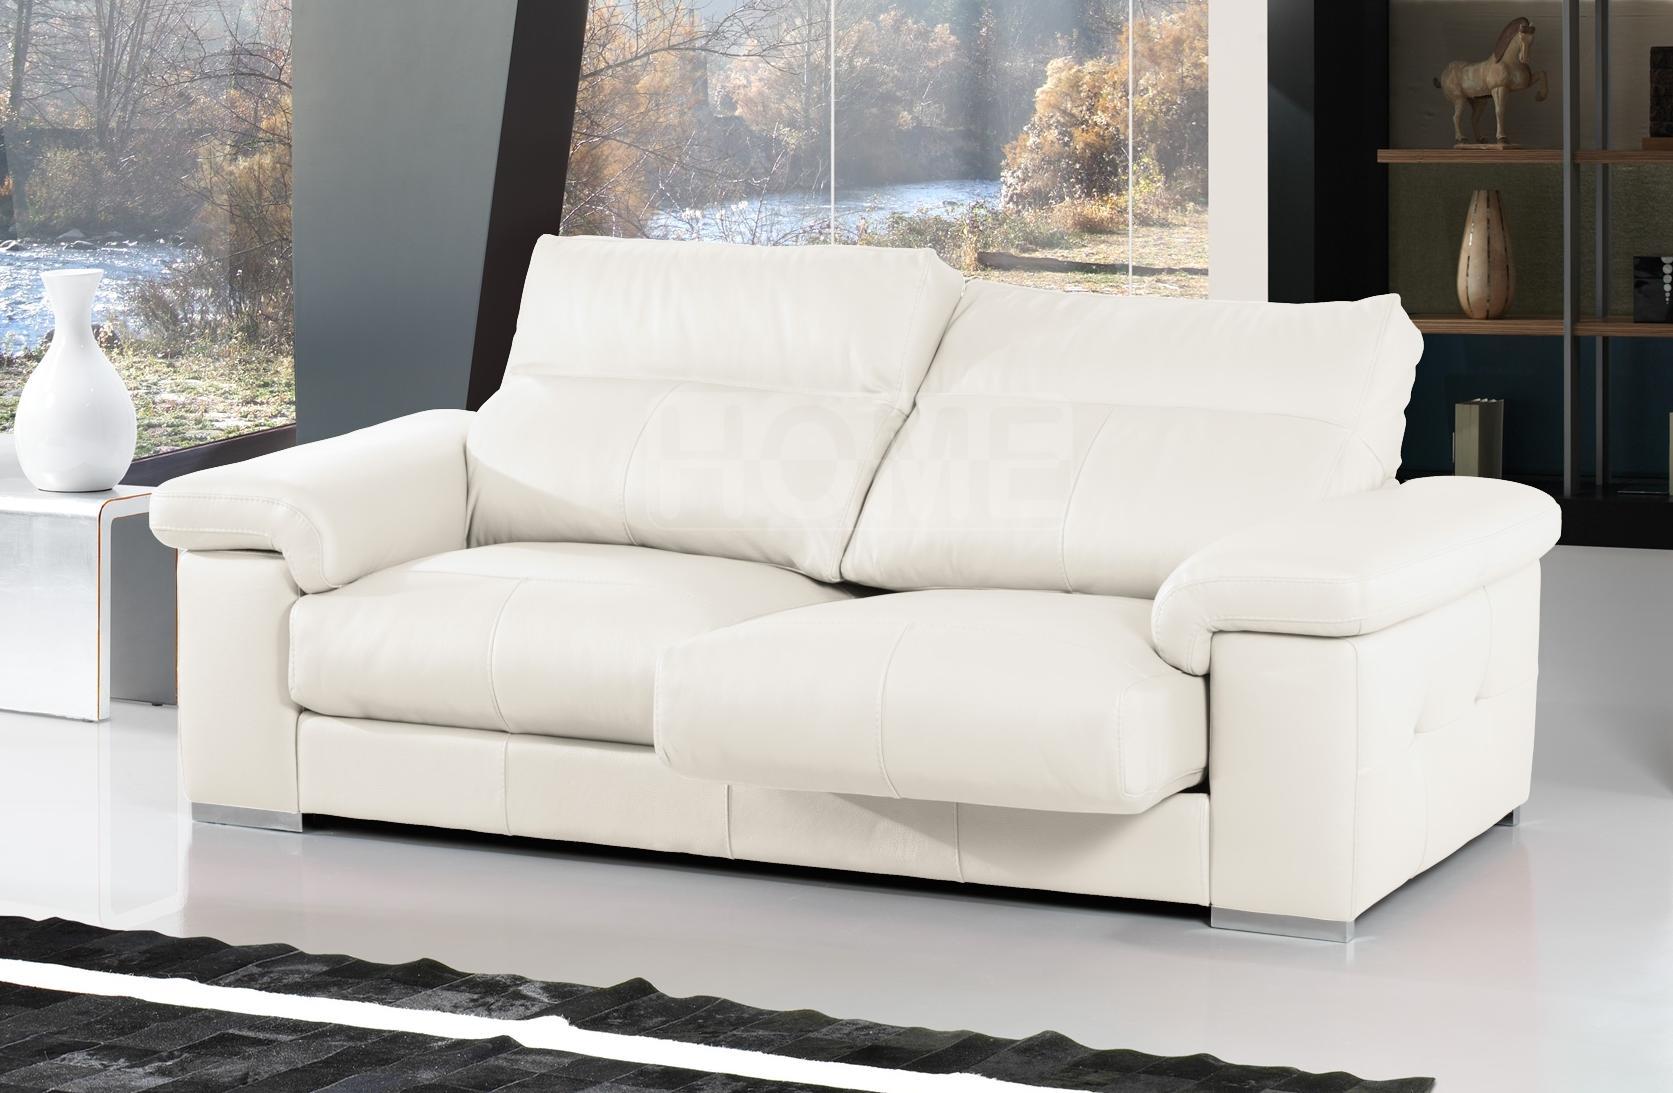 Variedad de fotos de sof s cat logo de muebles fhoa for Catalogo tapicerias para sofas